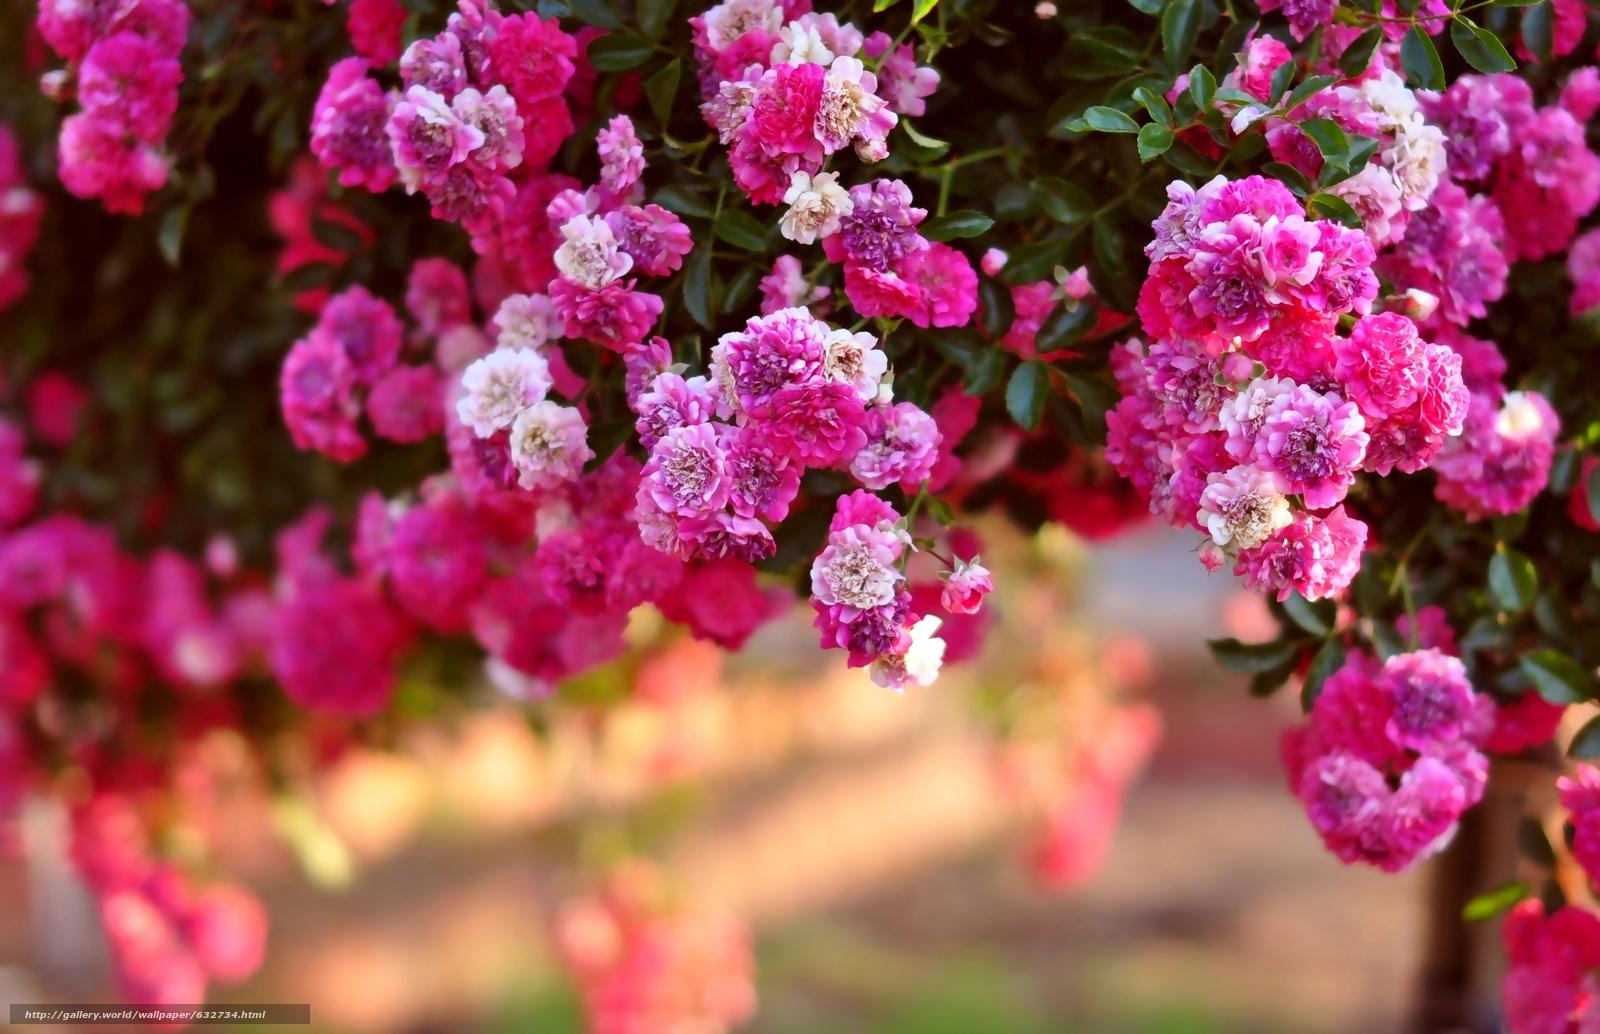 Скачать обои розовый куст,  розы,  куст бесплатно для рабочего стола в разрешении 3021x1952 — картинка №632734